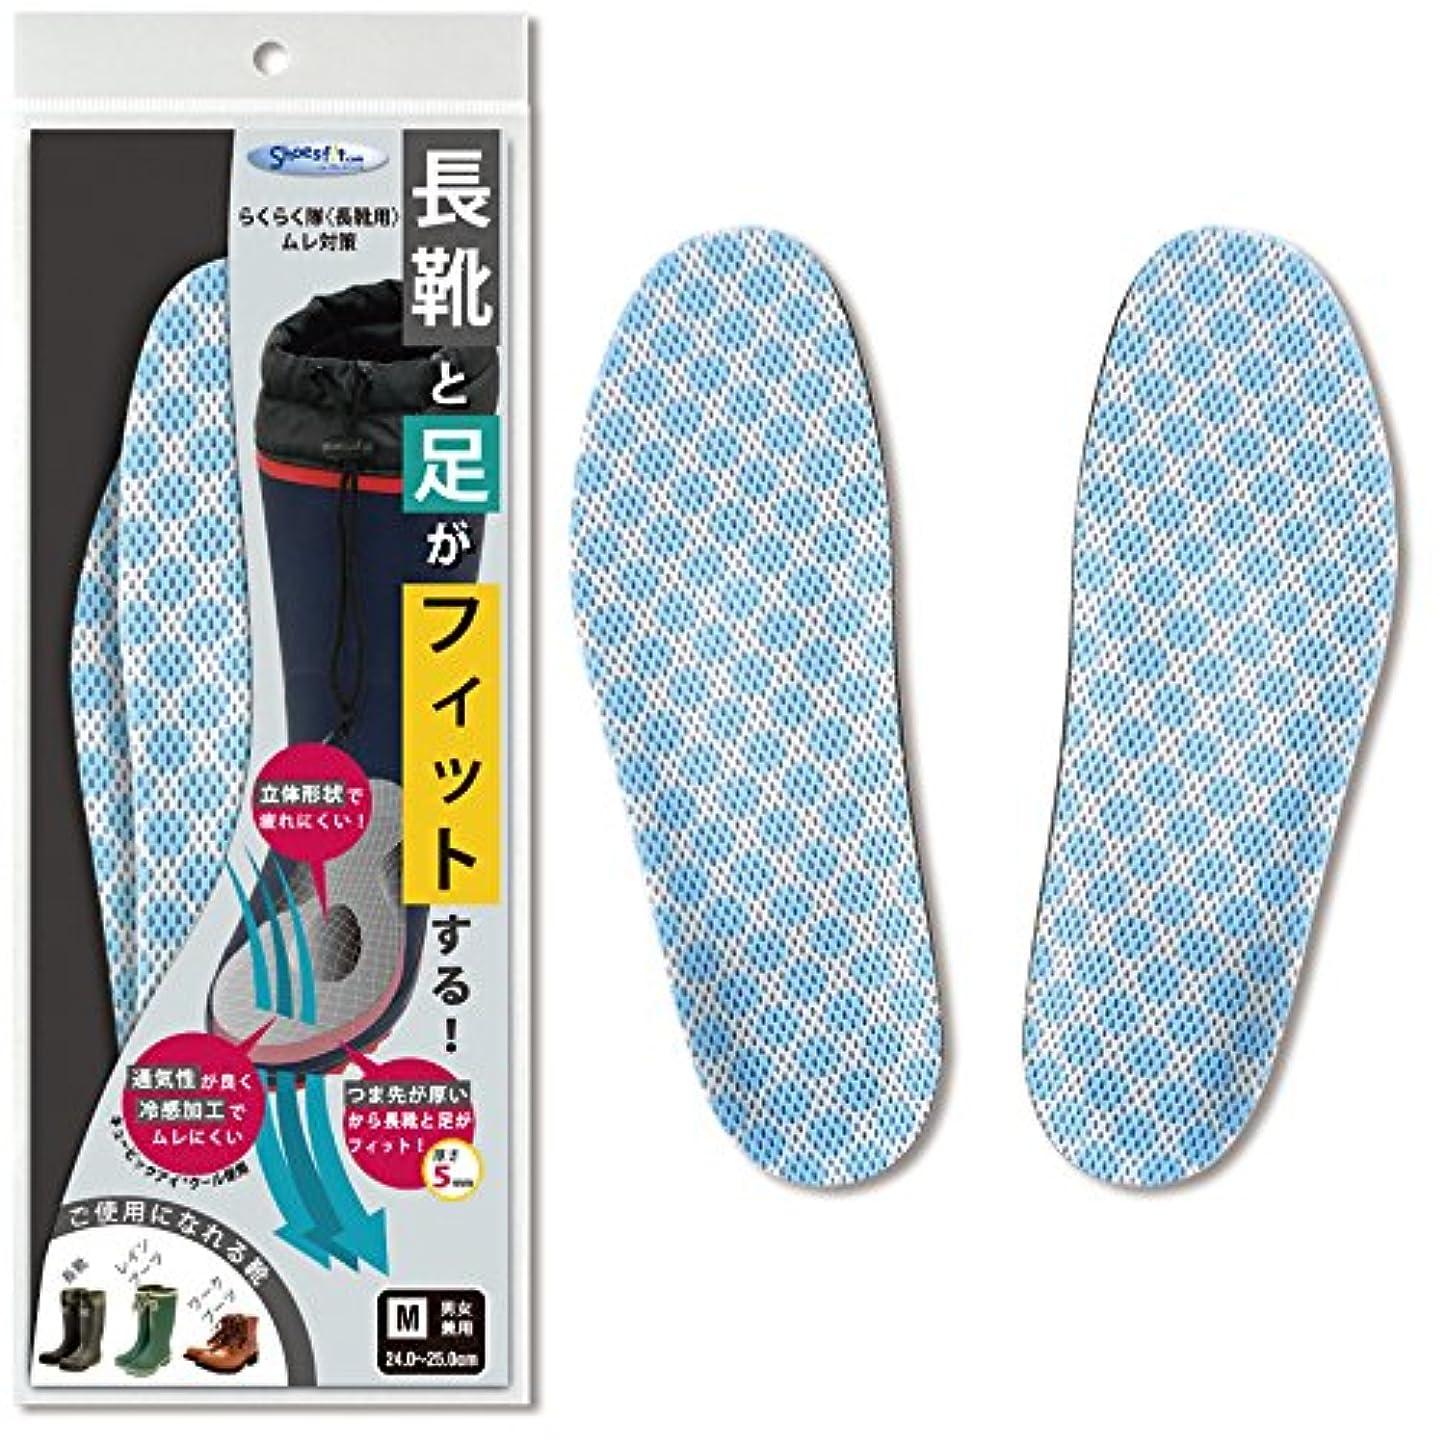 ホイッスルチョップ豚らくらく隊長靴用ムレ対策S(22.5~23.5cm)